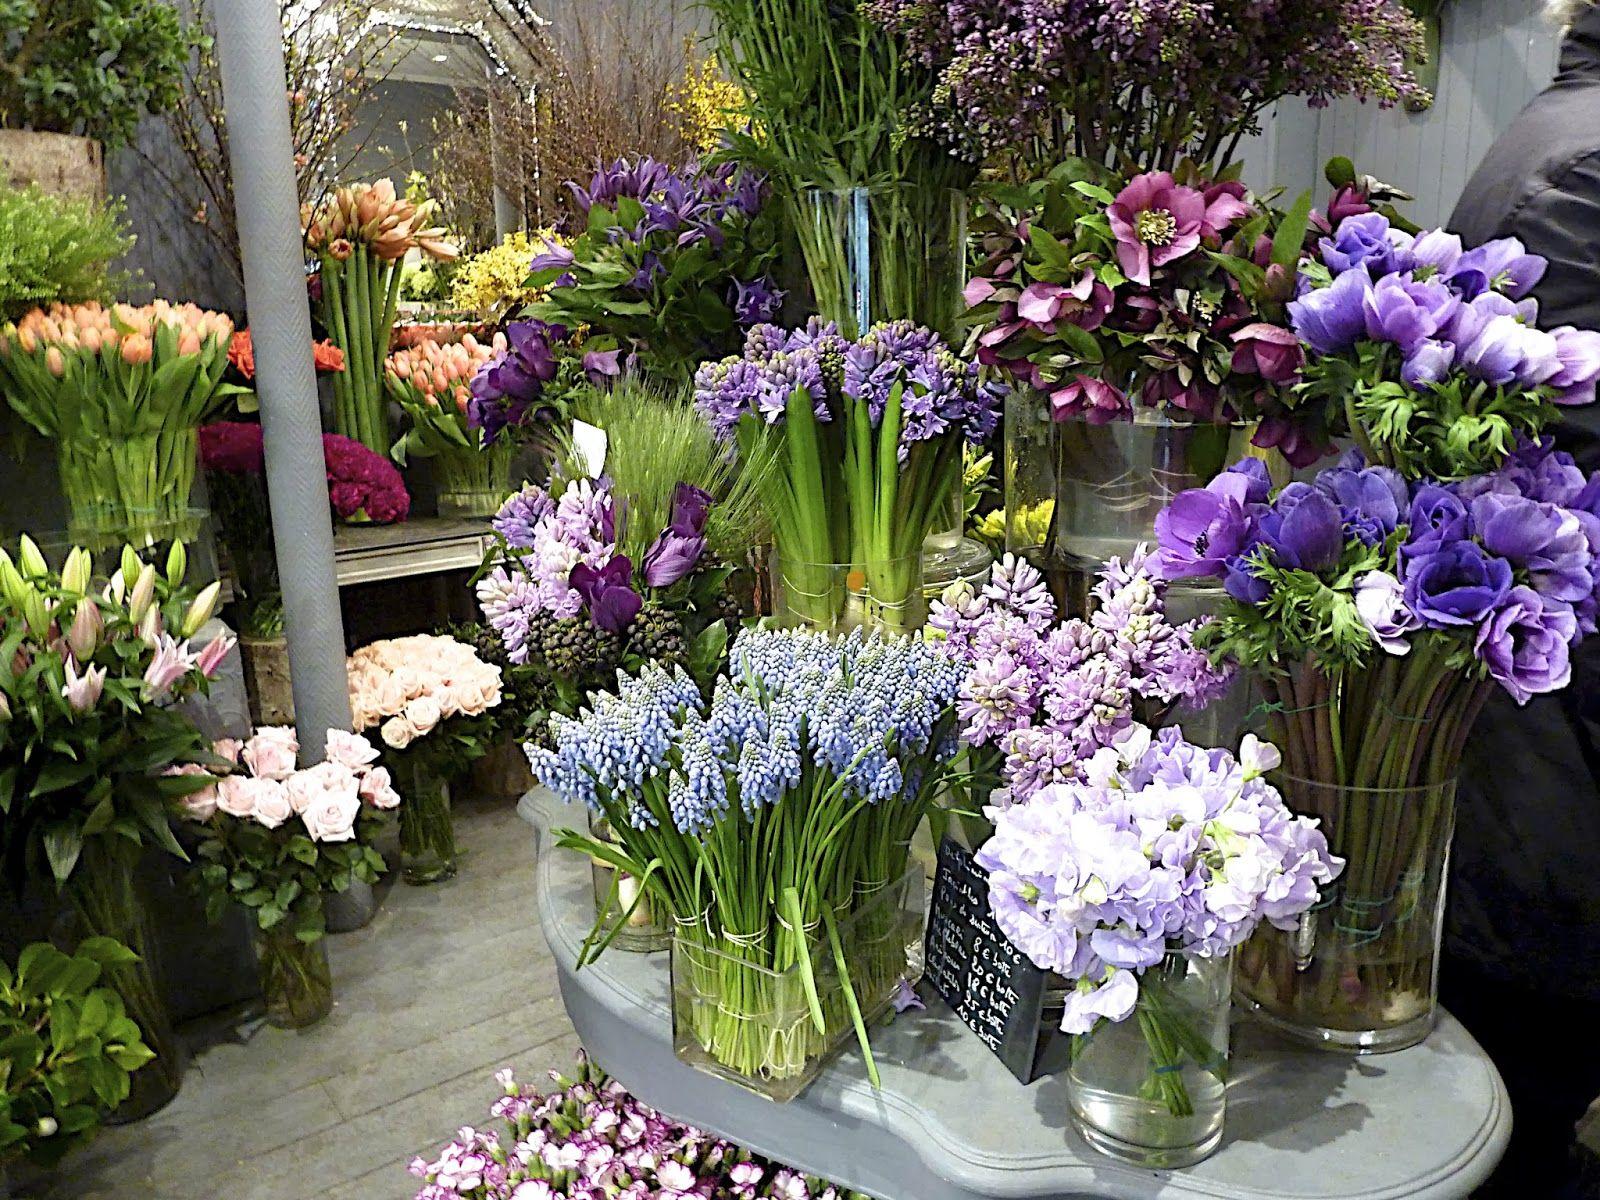 fleuriste even 53 rue notre dame de lorette 75009 paris bonnes adresses pinterest fleurs. Black Bedroom Furniture Sets. Home Design Ideas